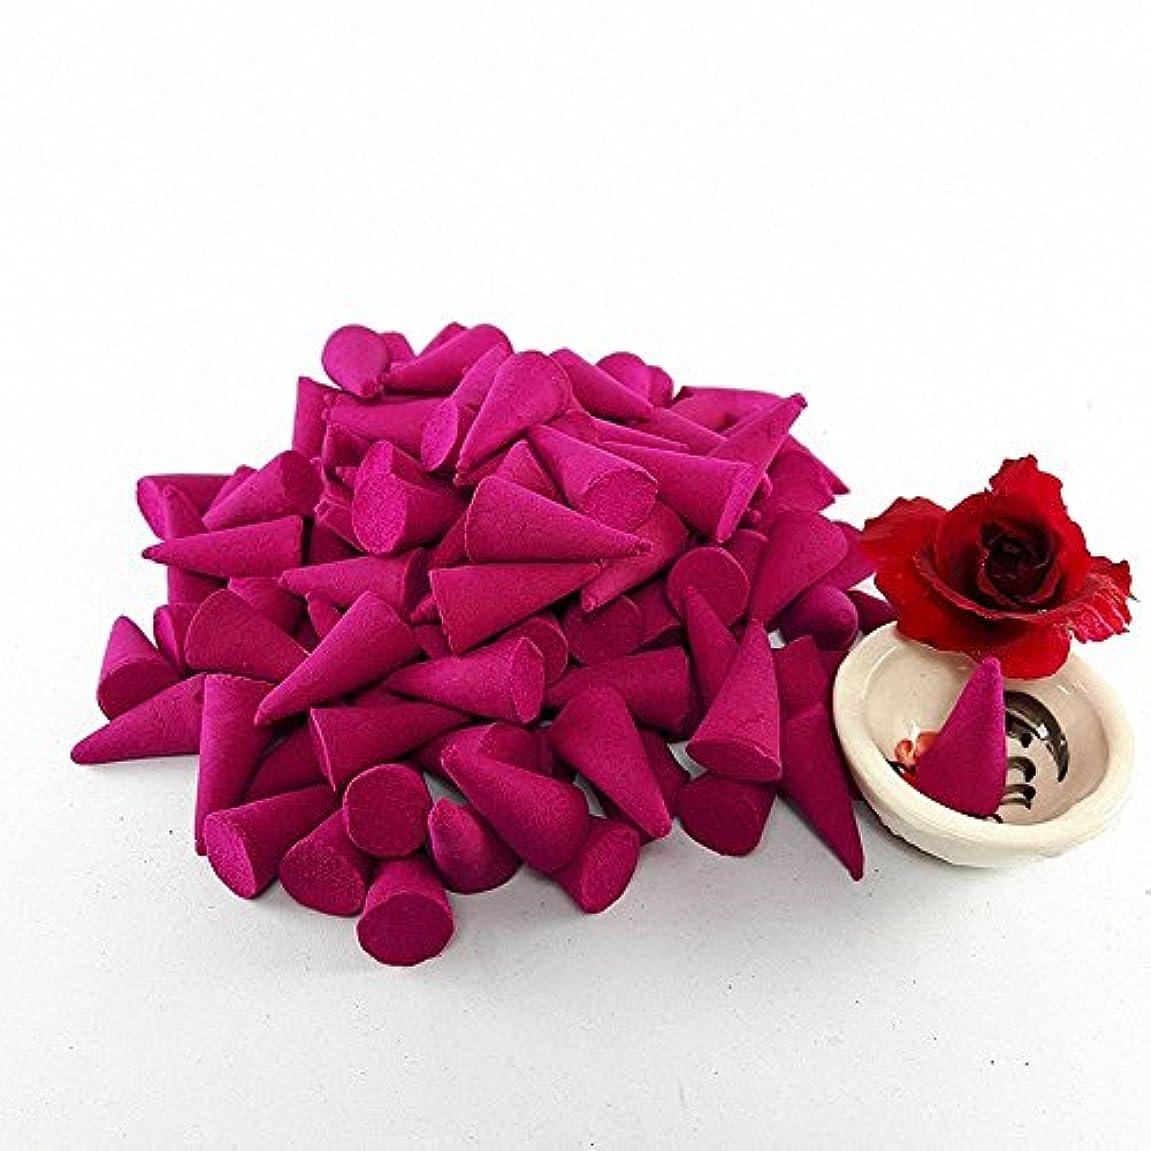 ペット具体的に系譜家庭用線香 Incense Cones Mixed Variety of Fragrance Relax Aromatherapy Spa (Pack of 100 Cones) With Burner Holder Thai...